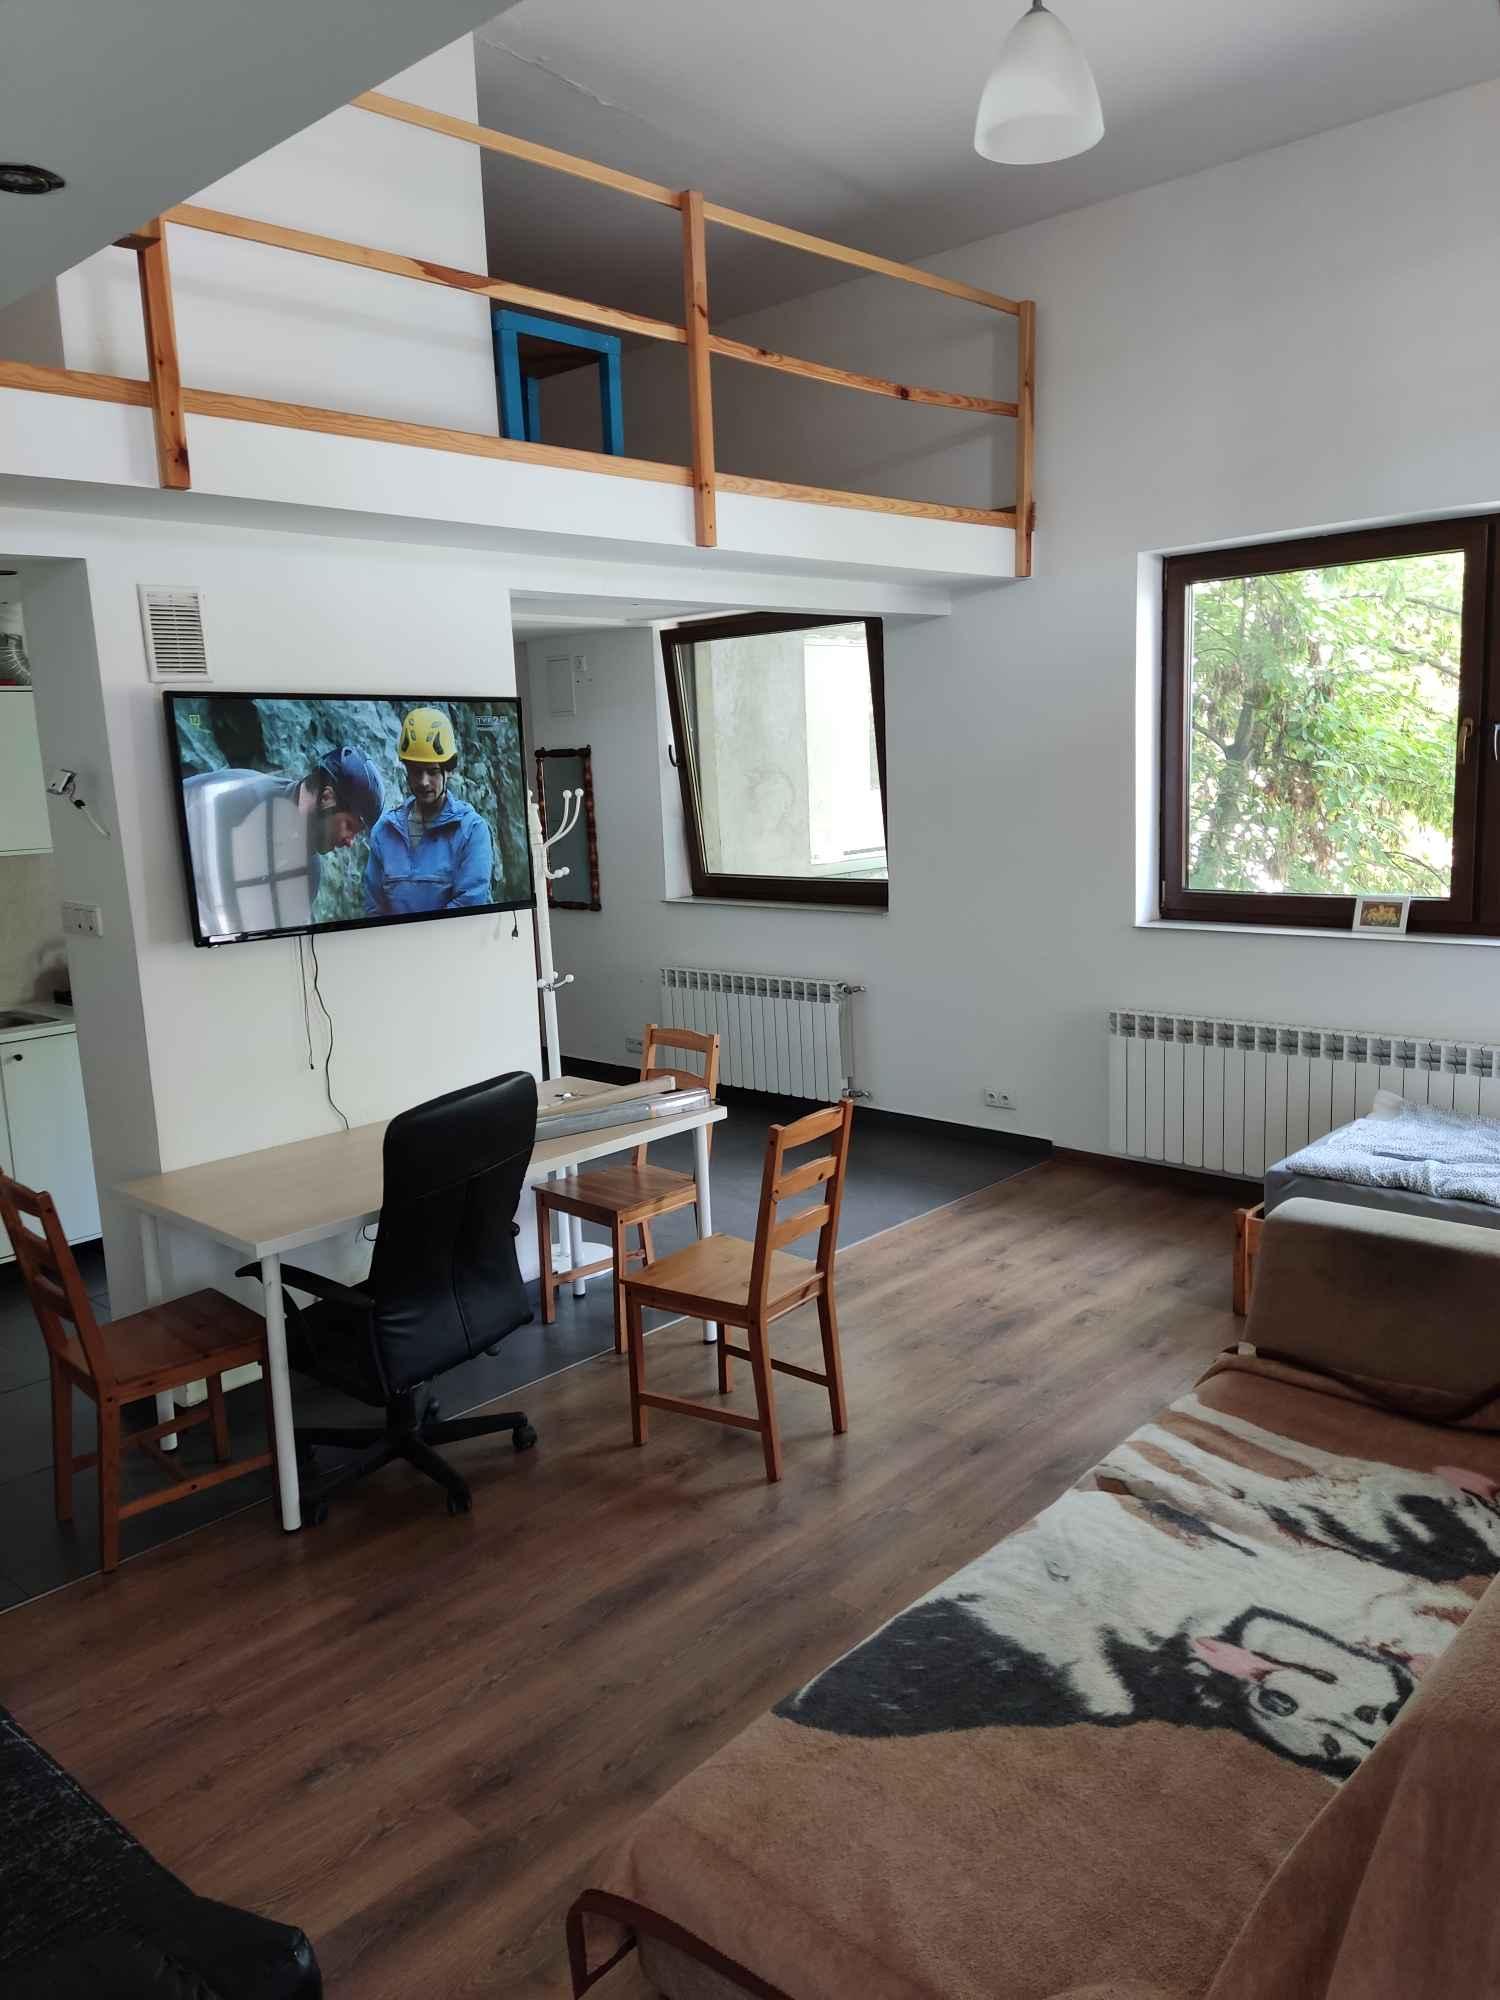 Kwatery pracownicze, noclegi, mieszkania Warka - zdjęcie 7